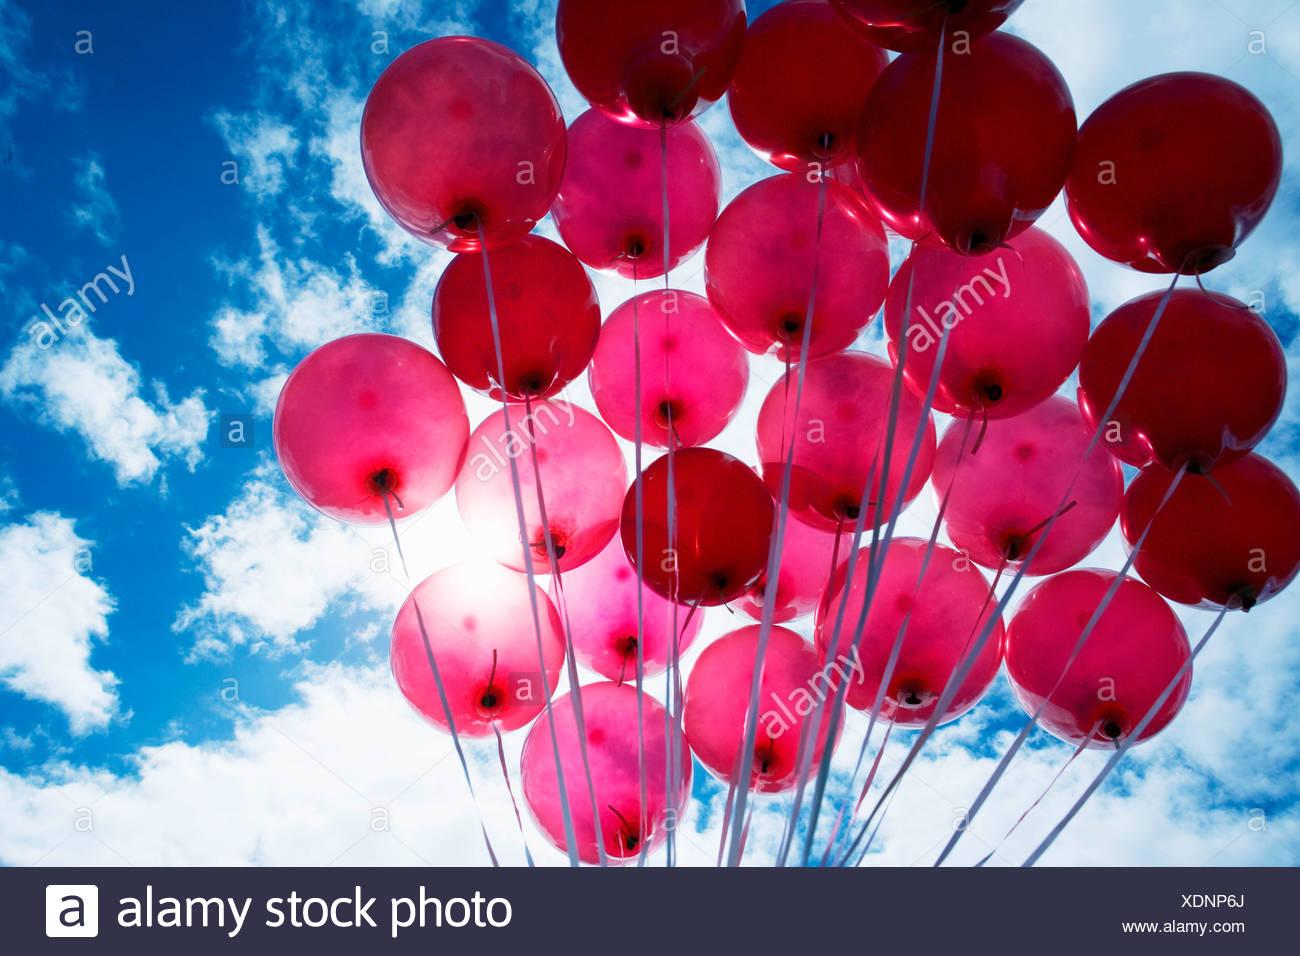 Ballons rouges sur fond de ciel bleu Photo Stock